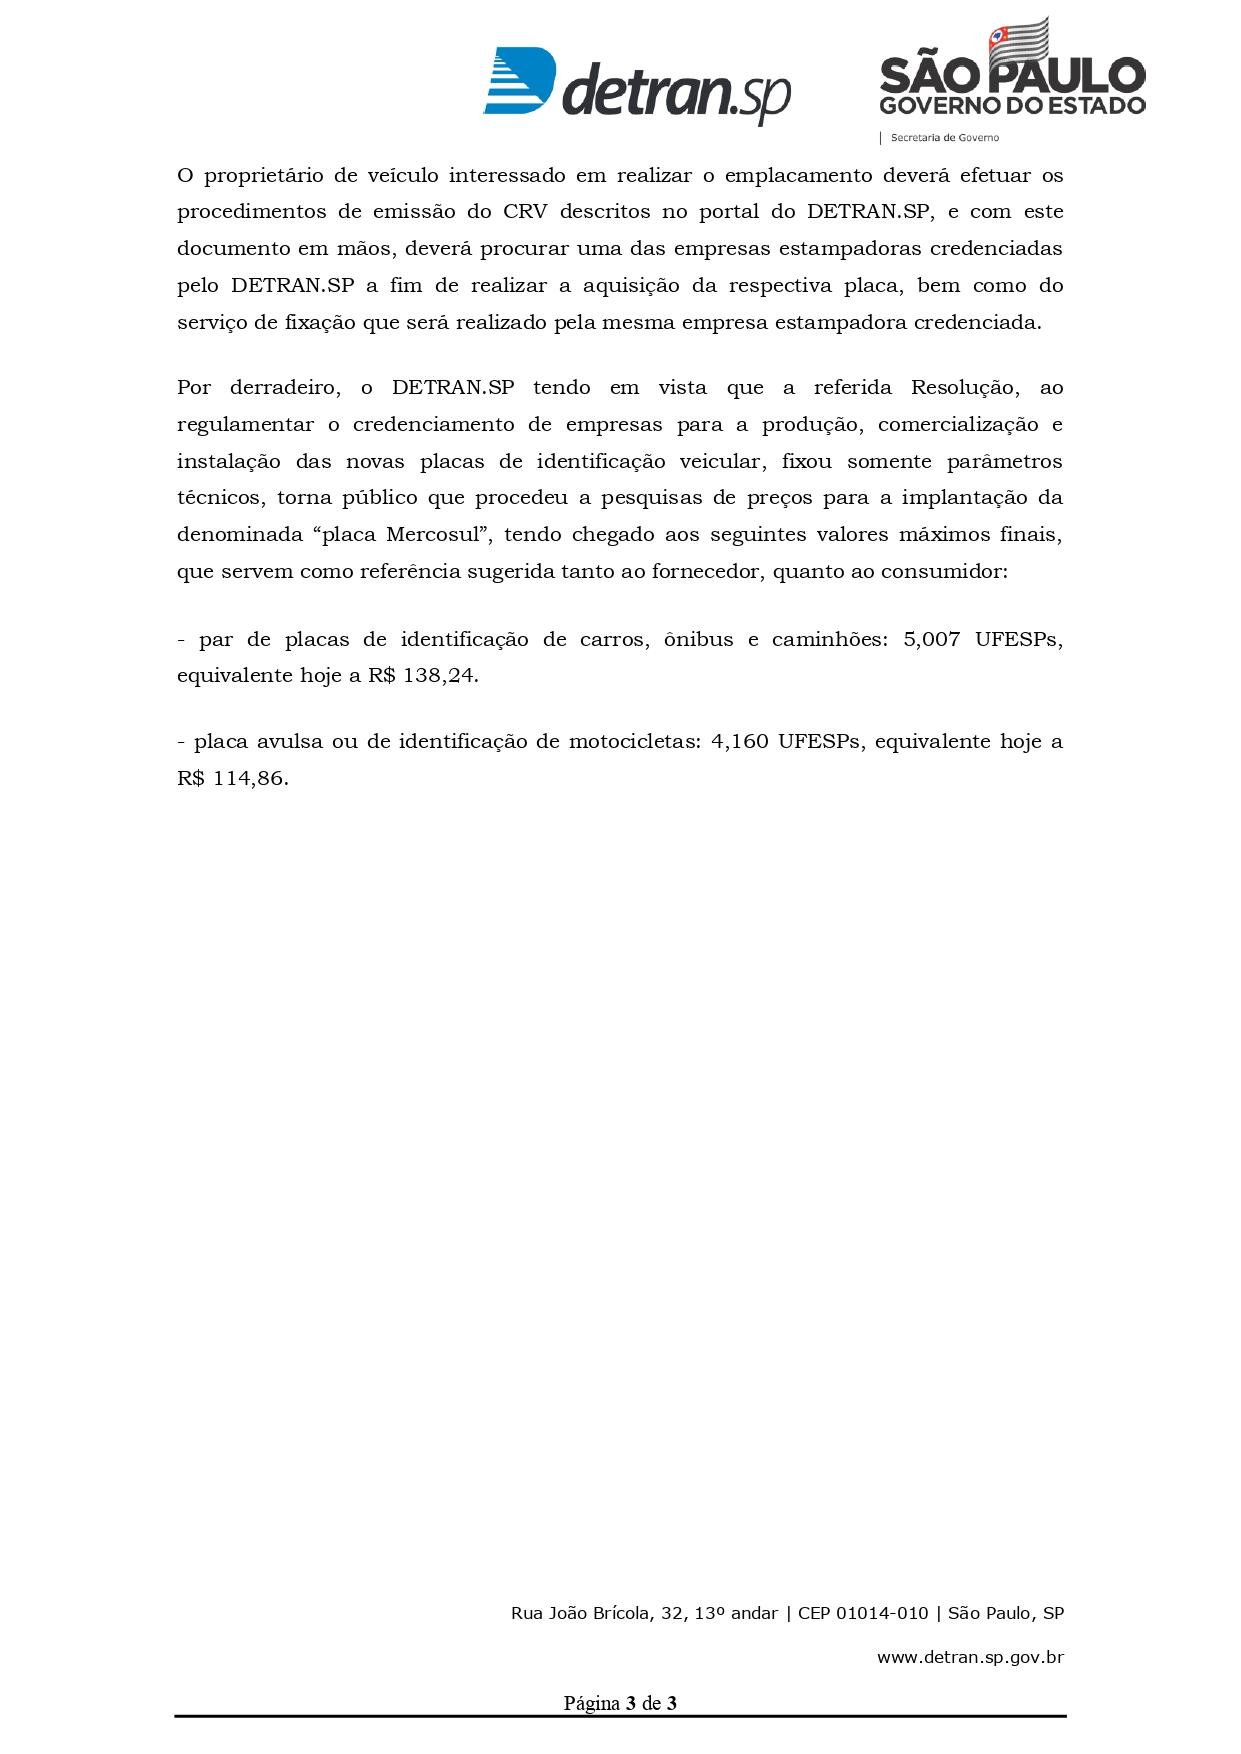 Comunicado+consolidaddo+Placas+Mercosul.+24.01.2020_page-0003